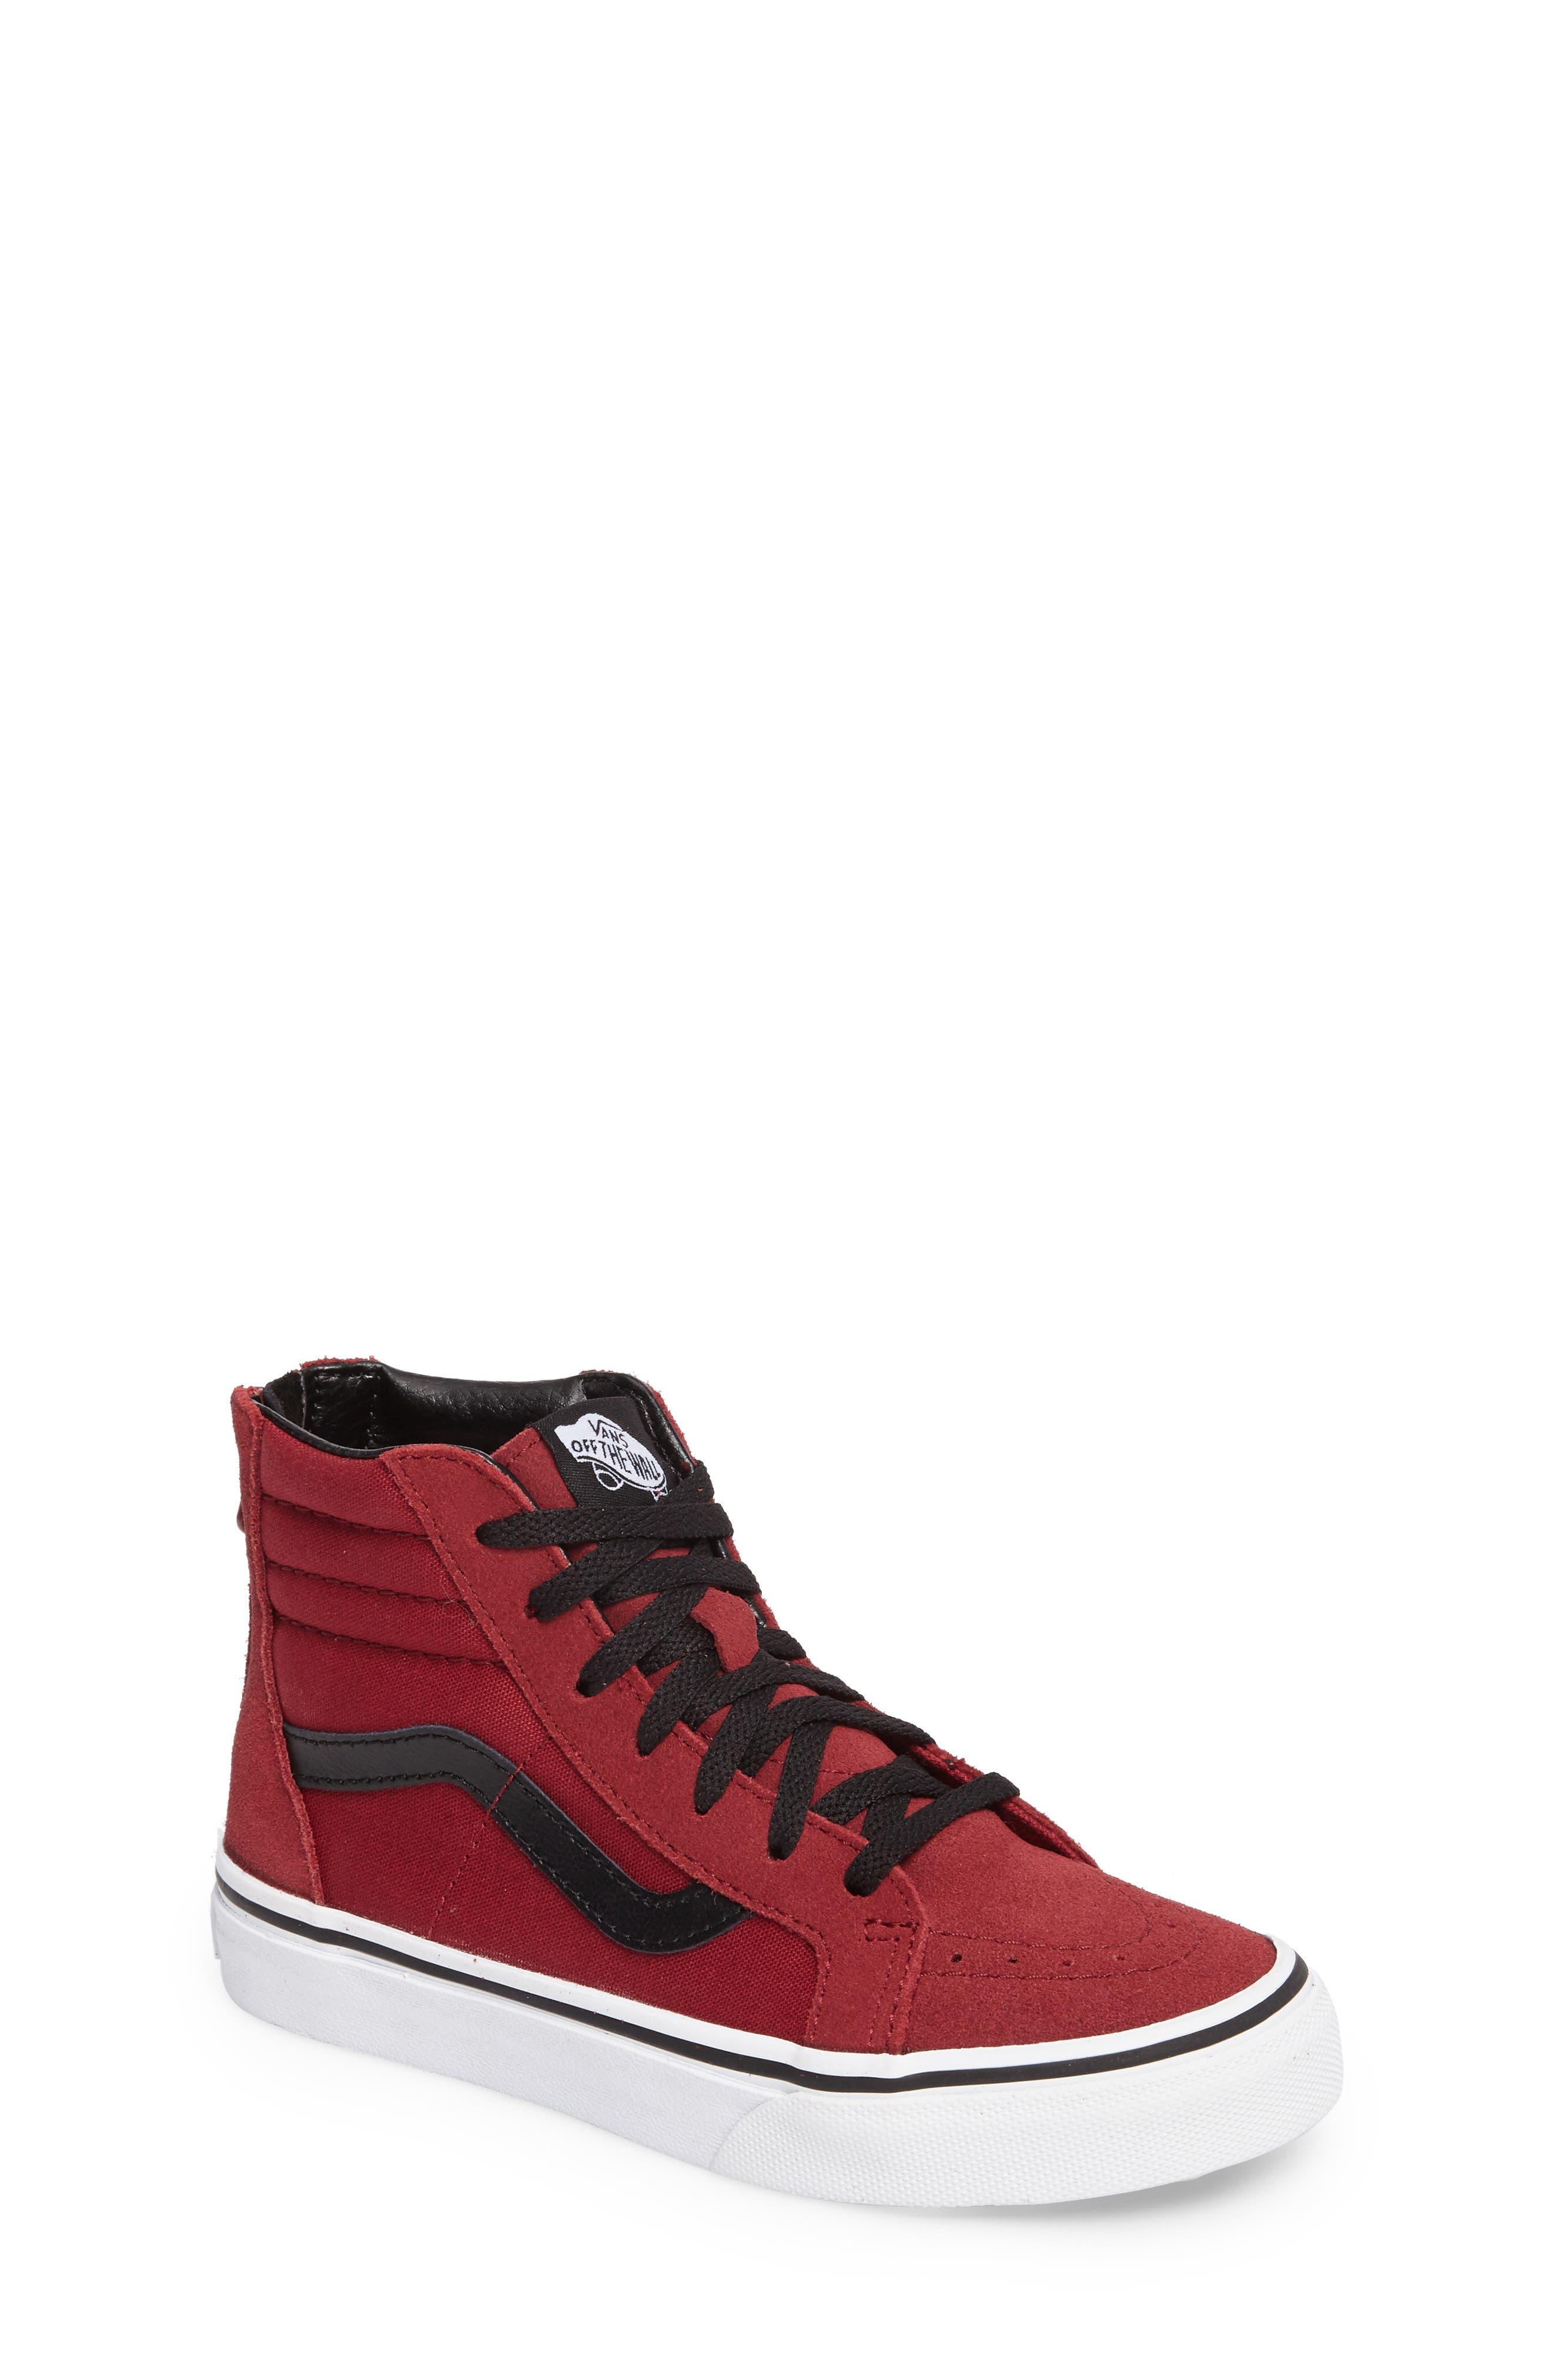 SK8-Hi Zip Sneaker,                             Main thumbnail 1, color,                             Tibetan Red/ Black